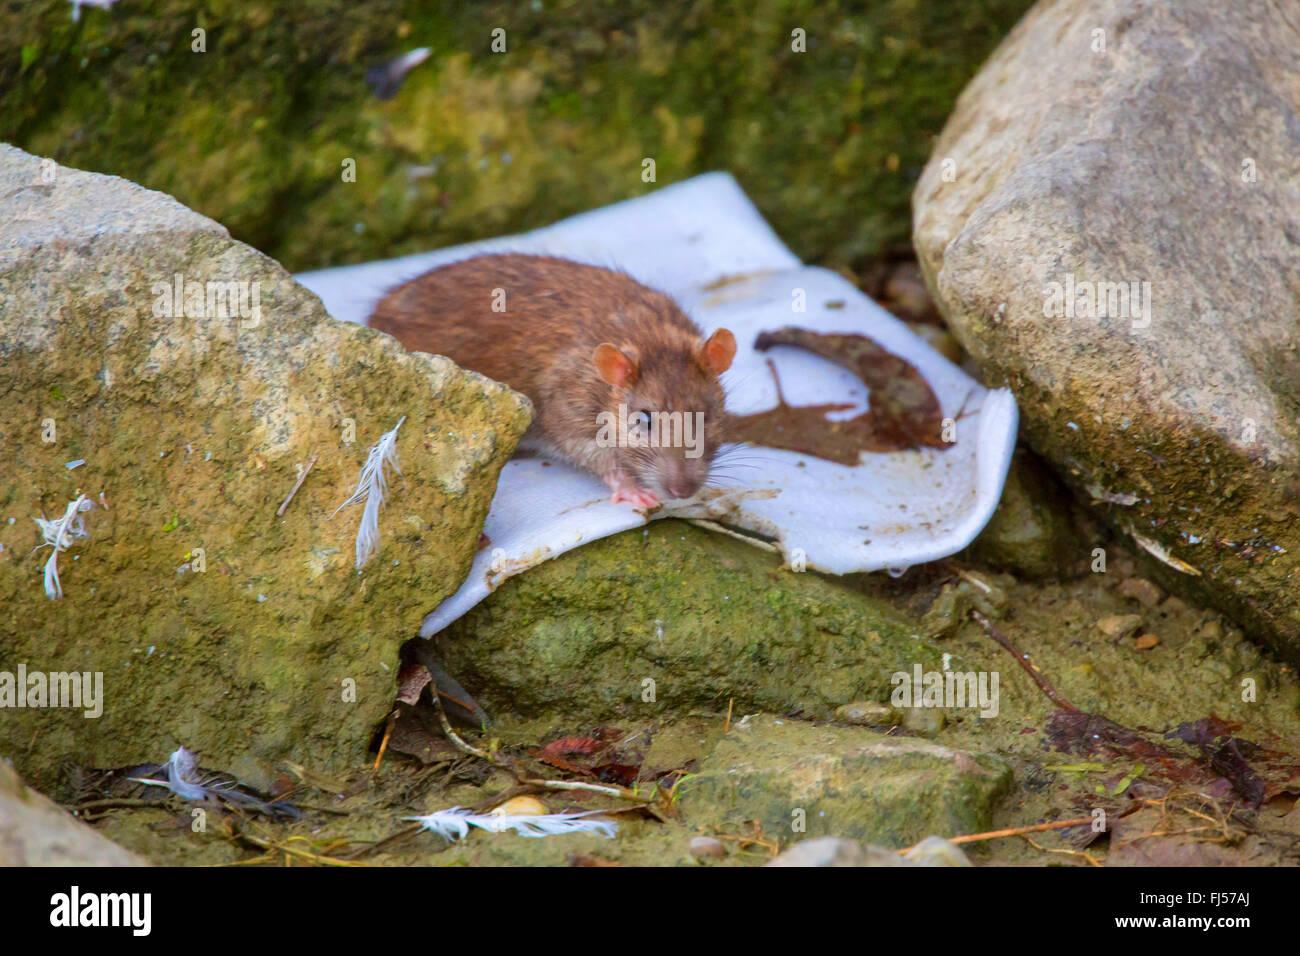 Braune Ratte, gemeinsame braune Ratte, Norwegen Ratte, gemeinsame Ratte (Rattus Norvegicus), mit nur einem Auge Stockbild